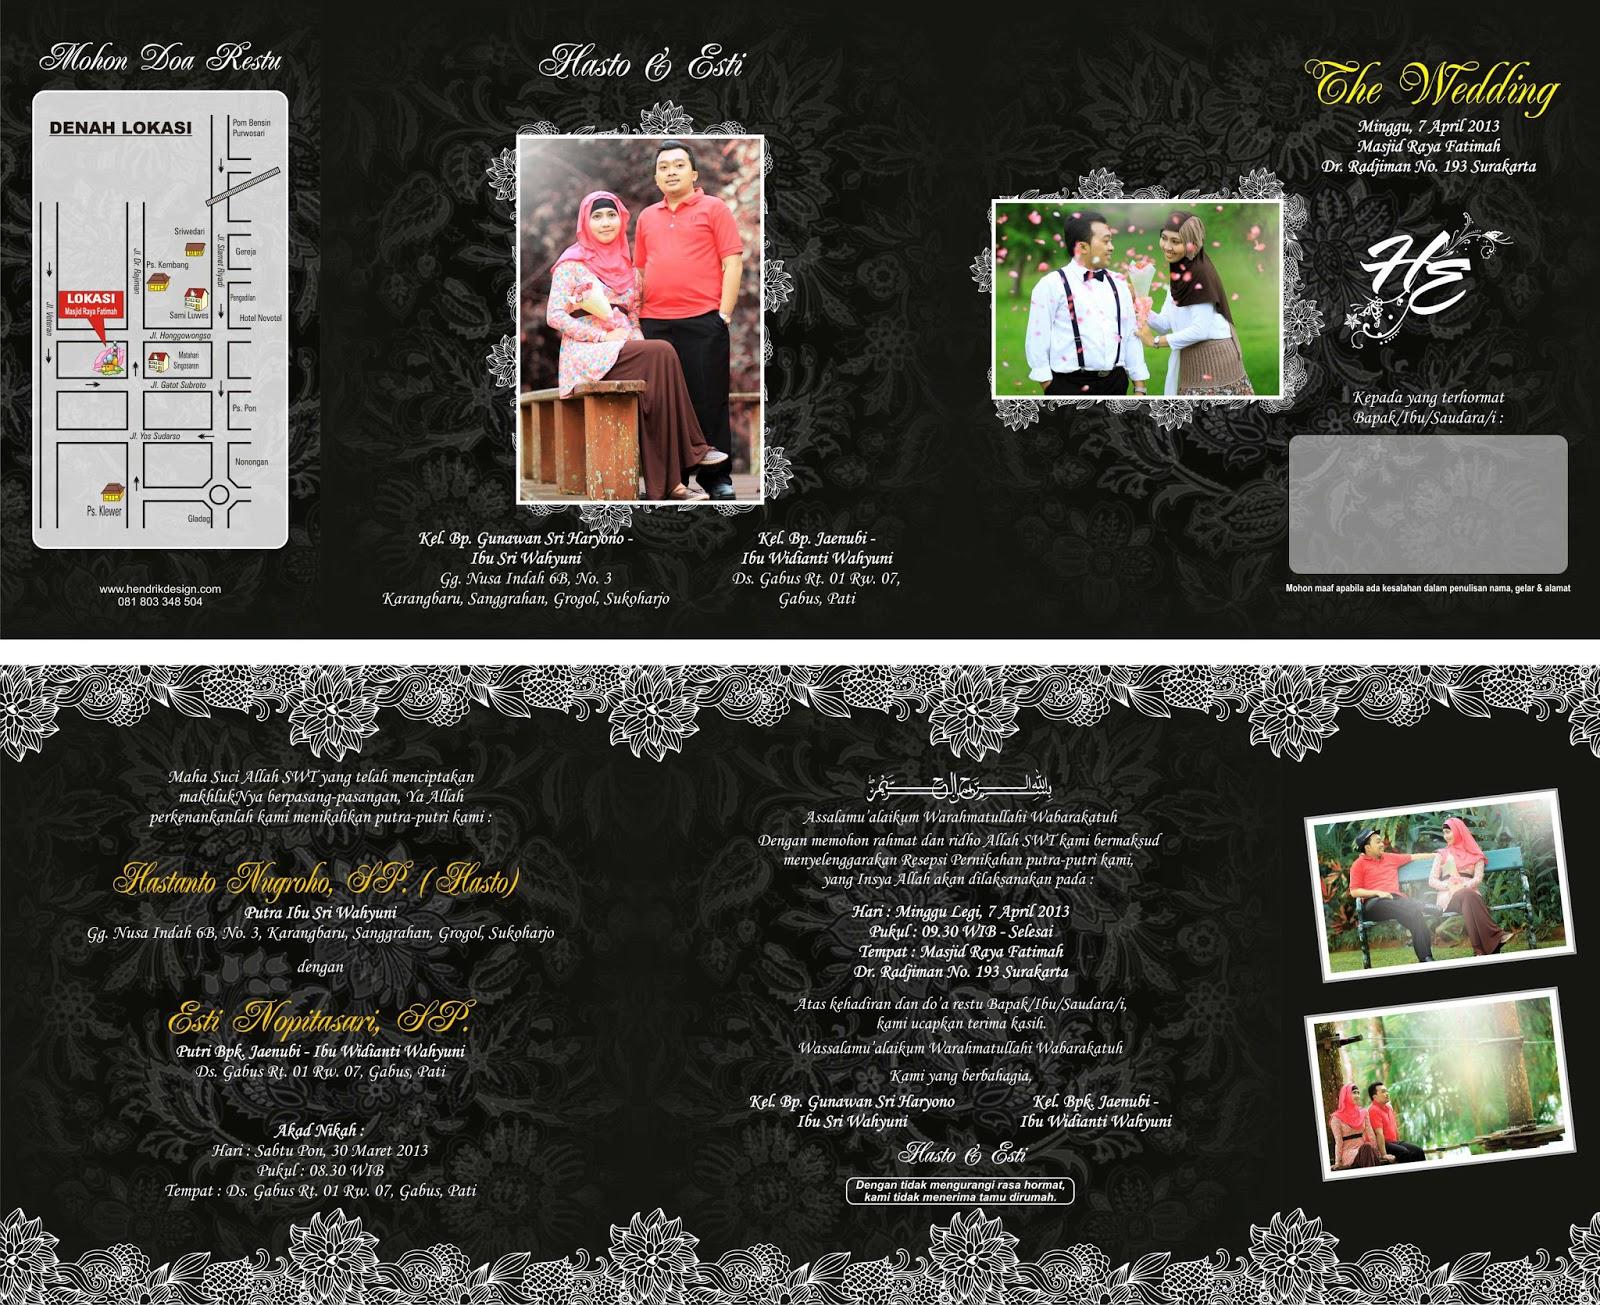 Free Download Undangan Pernikahan Dengan Memberikan Contoh HD ...